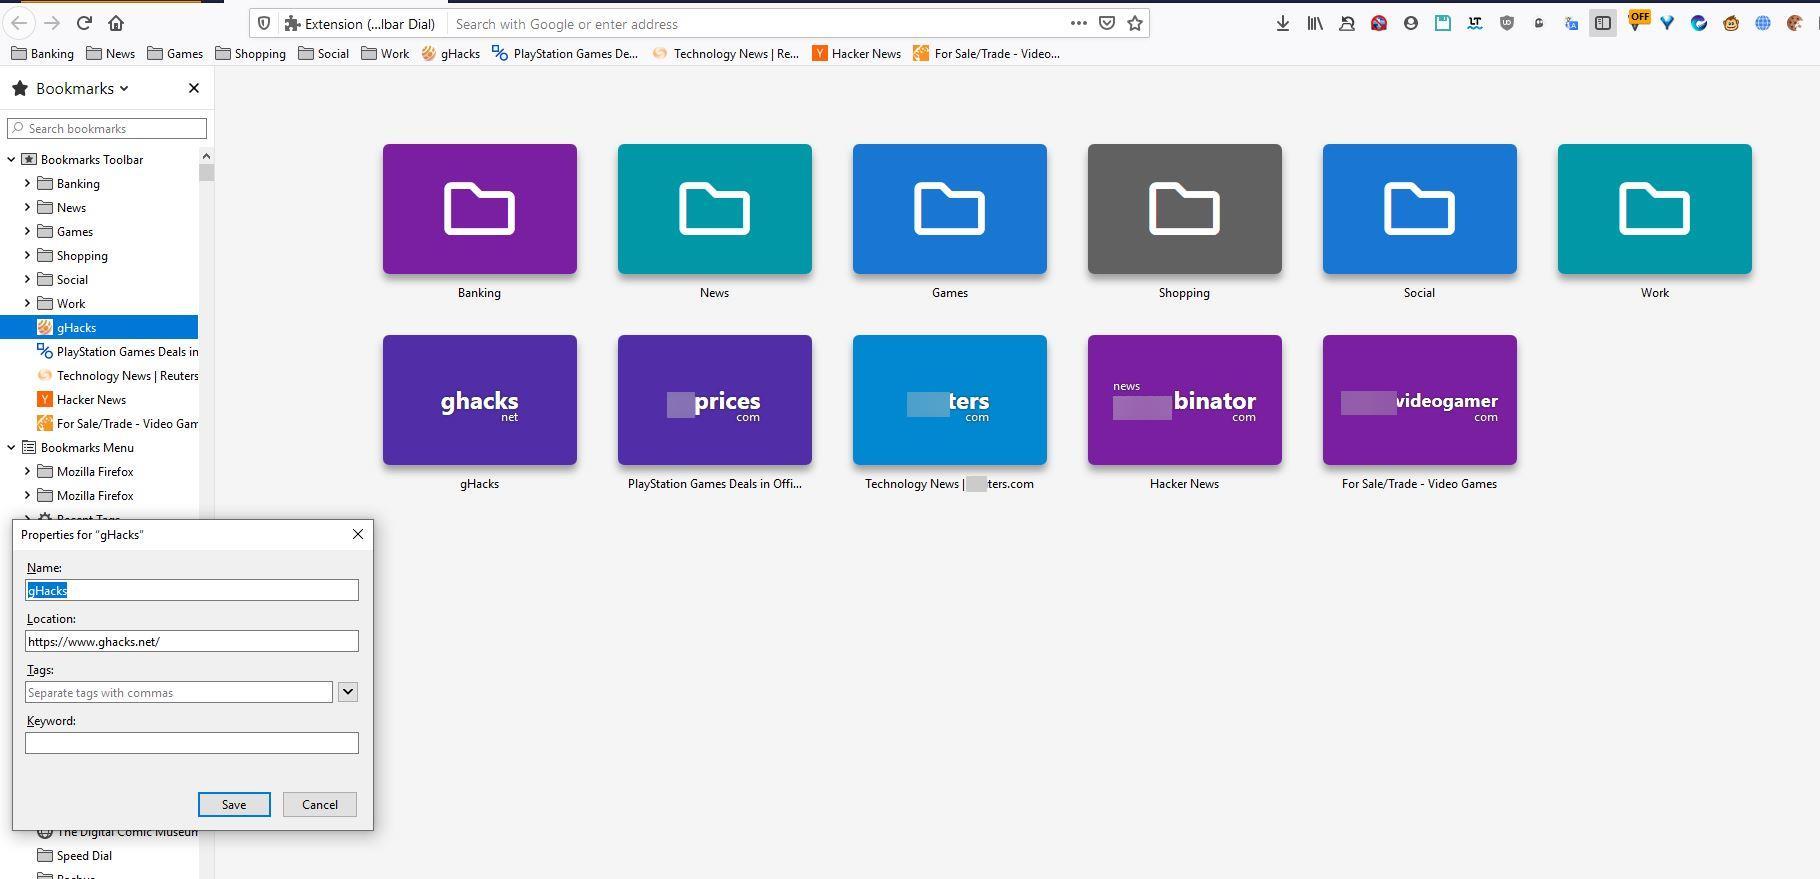 Marcación de la barra de herramientas de Firefox y Chrome